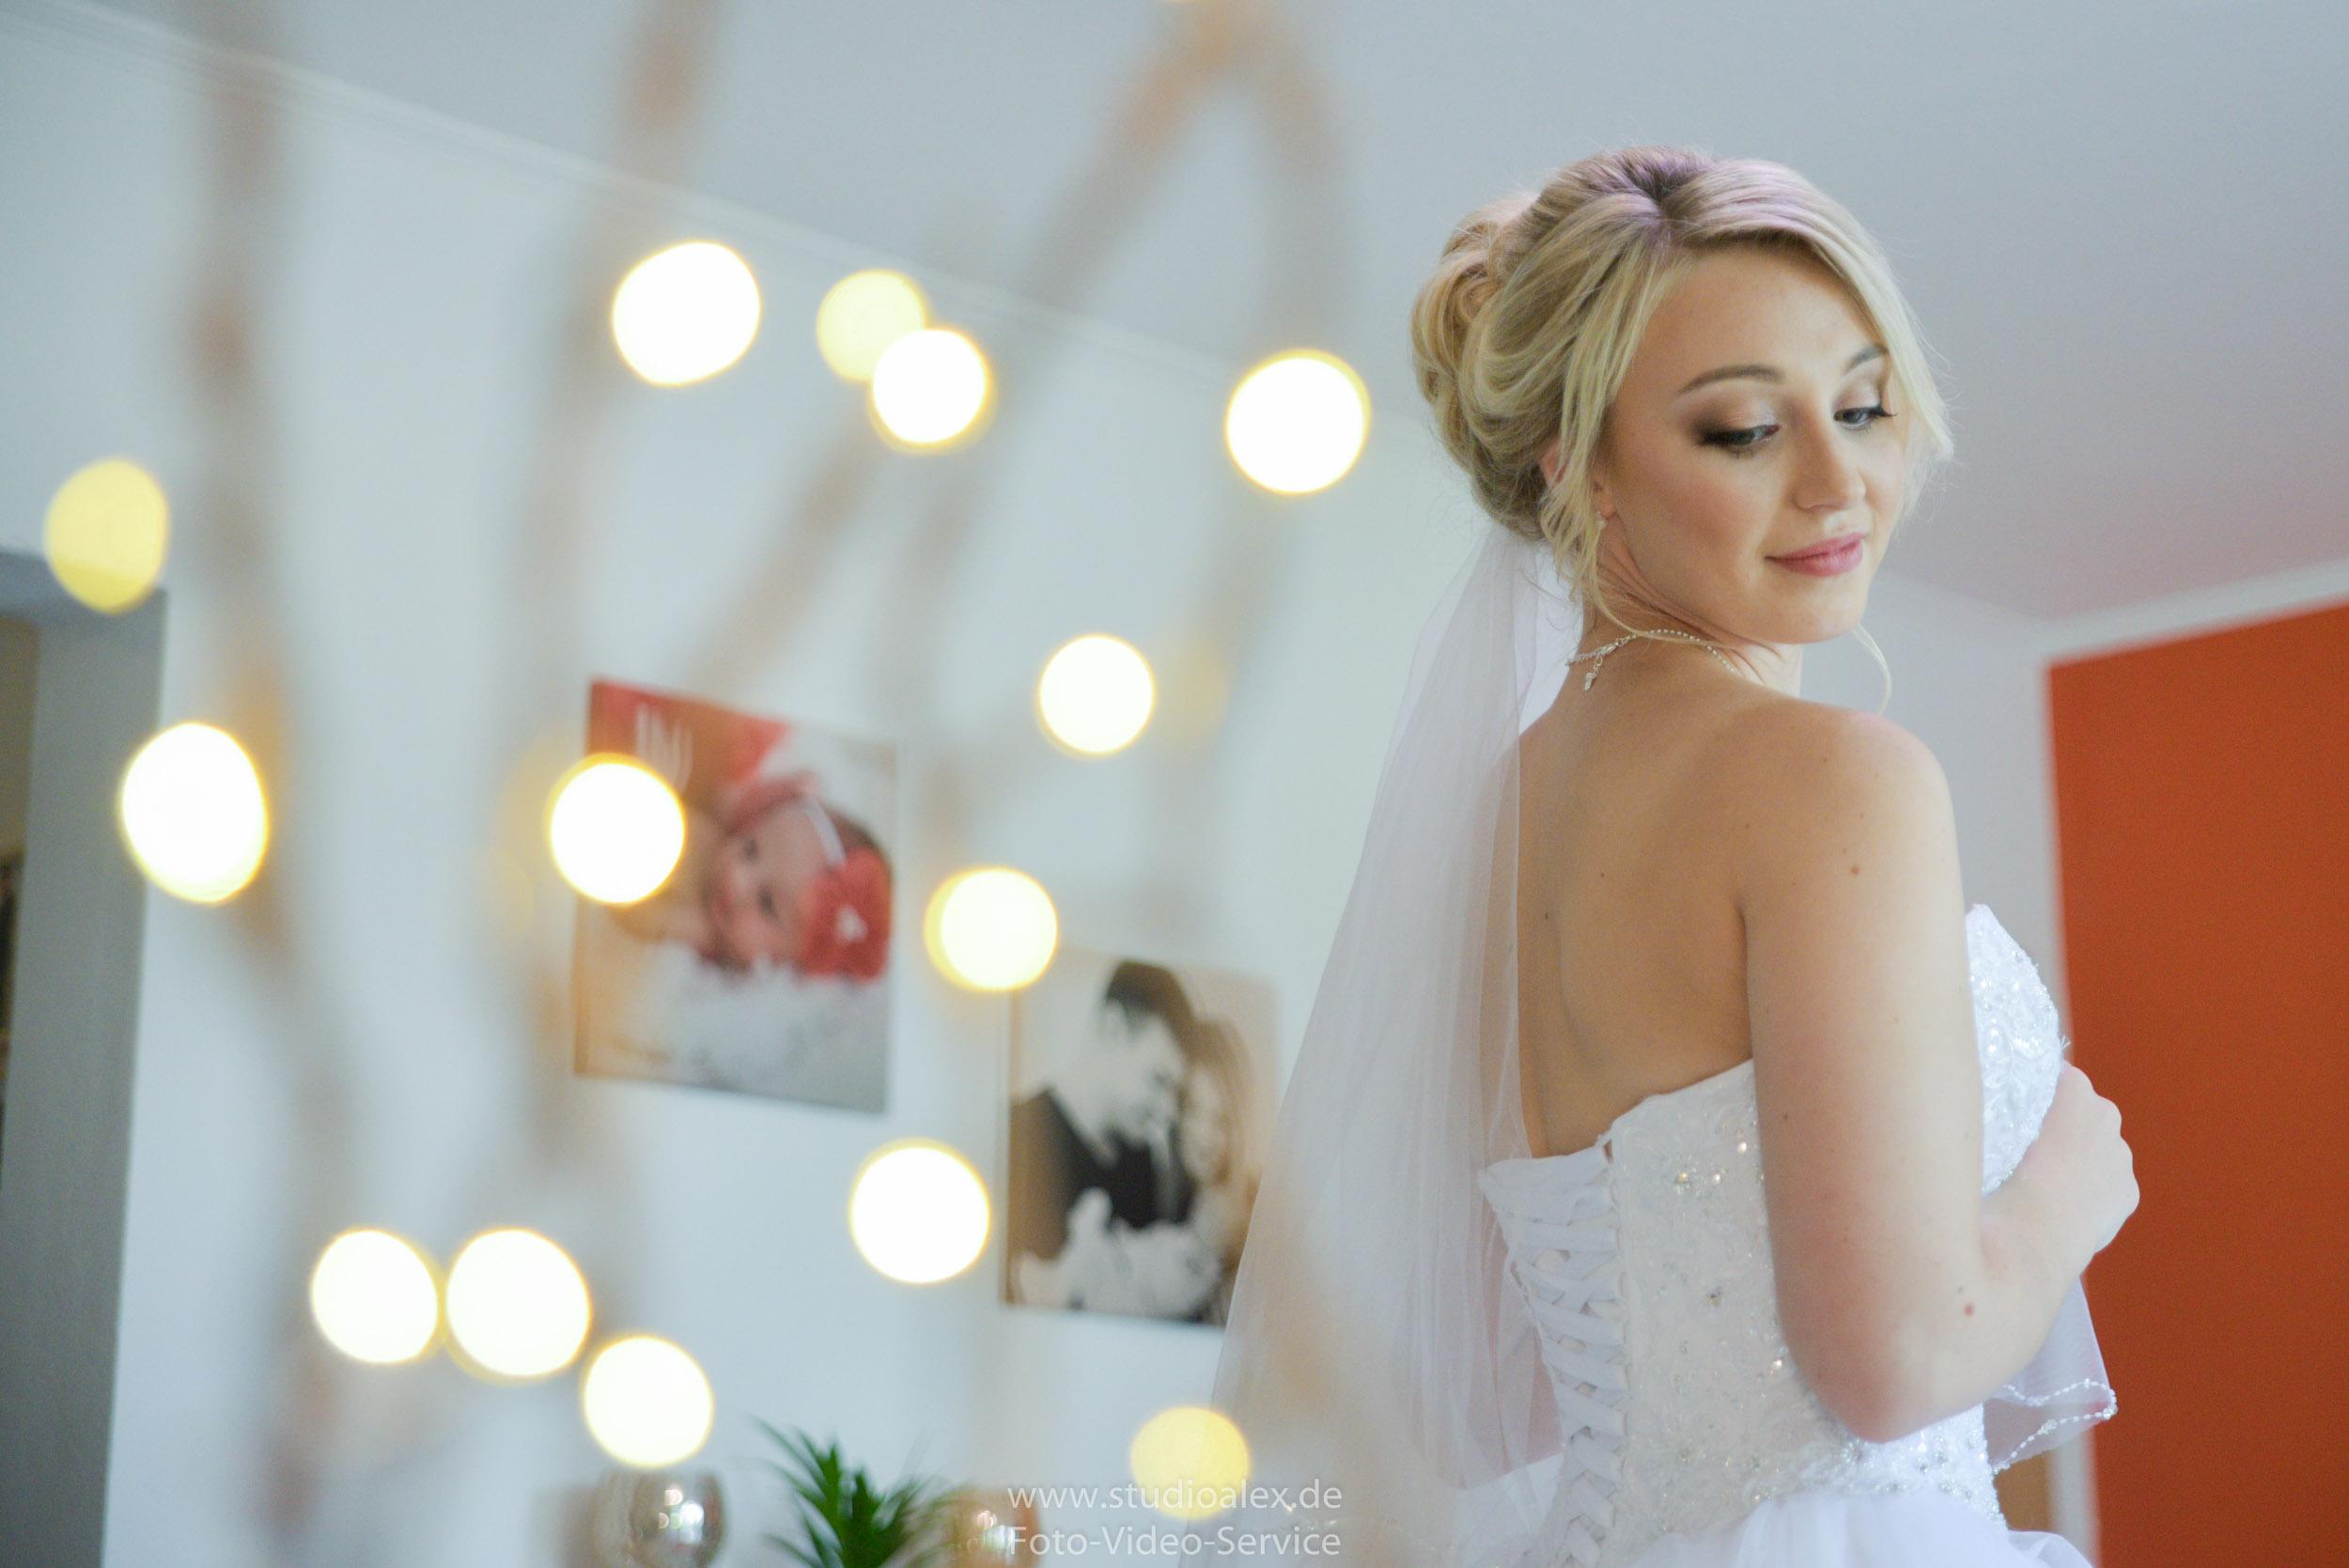 Hochzeitsfotograf-Amberg-Hochzeitsfotografie-Amberg-Hochzeit-Amberg-ACC-Fotograf-Amberg-7900.jpg